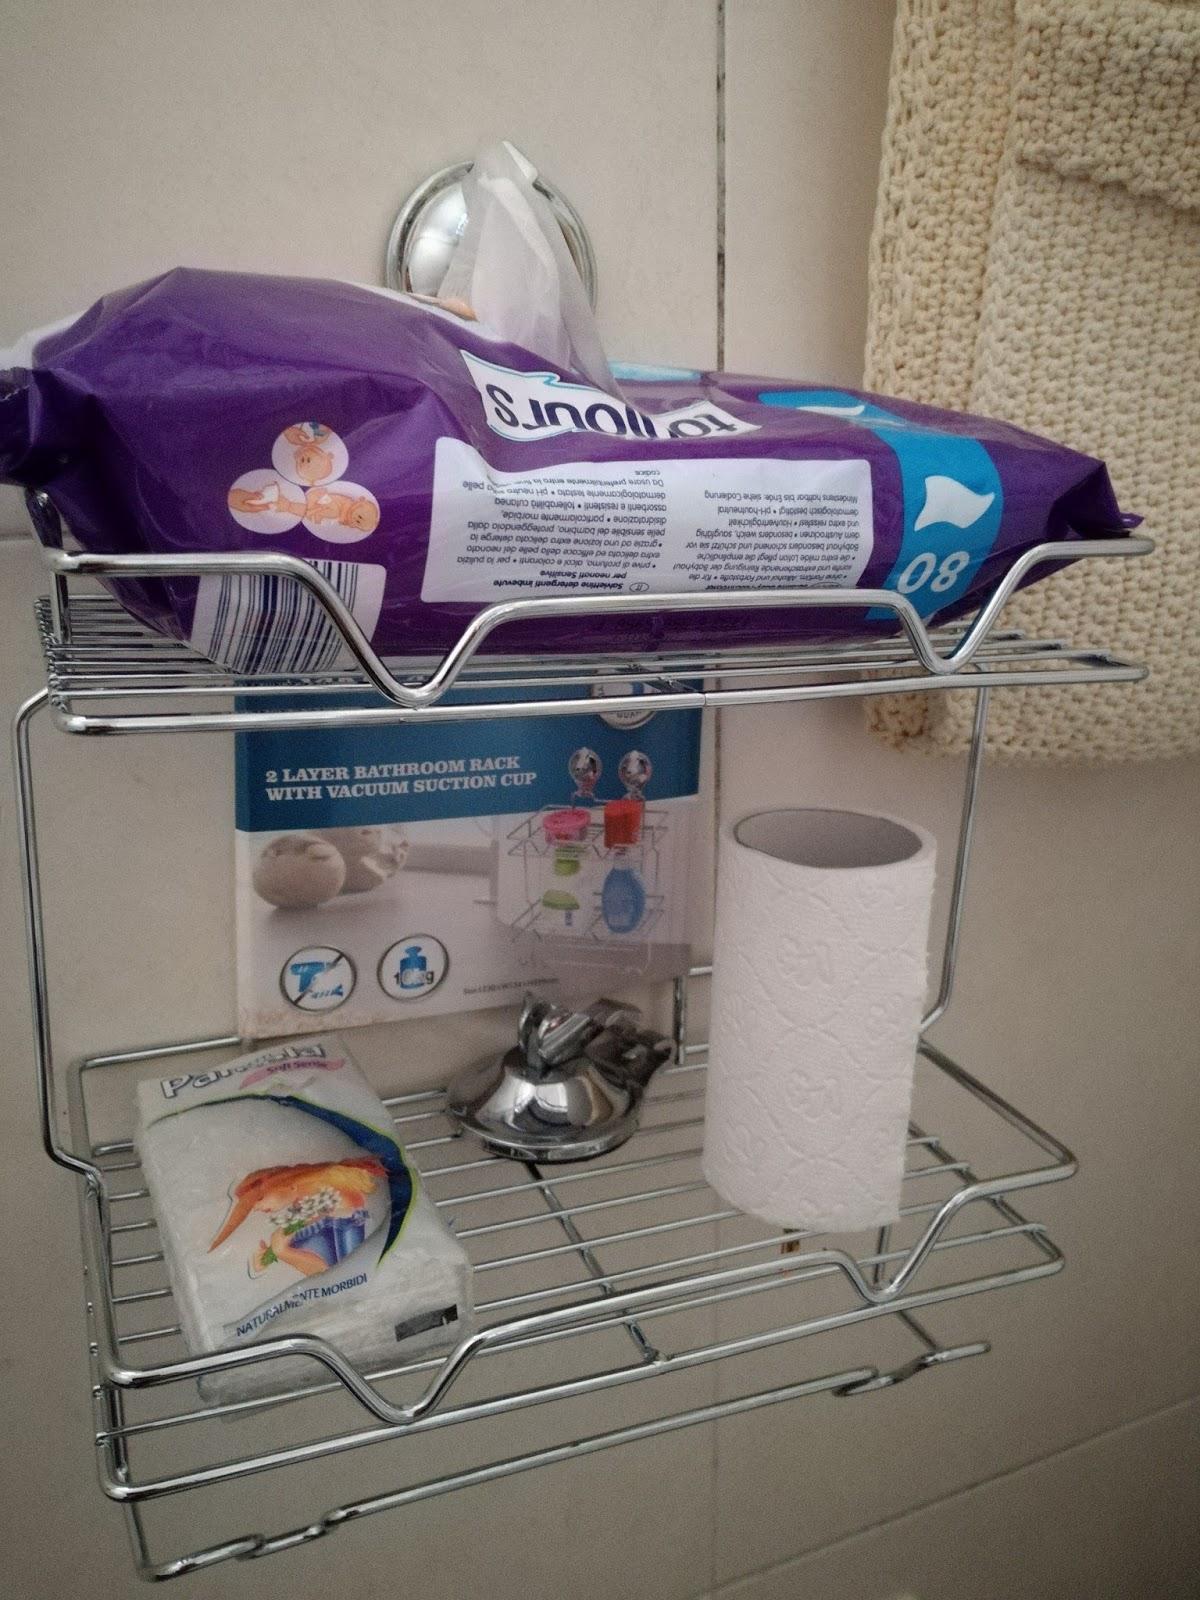 Consigli smart per ragazze in tatkraft sakura mensola bagno - Bucare piastrelle bagno ...